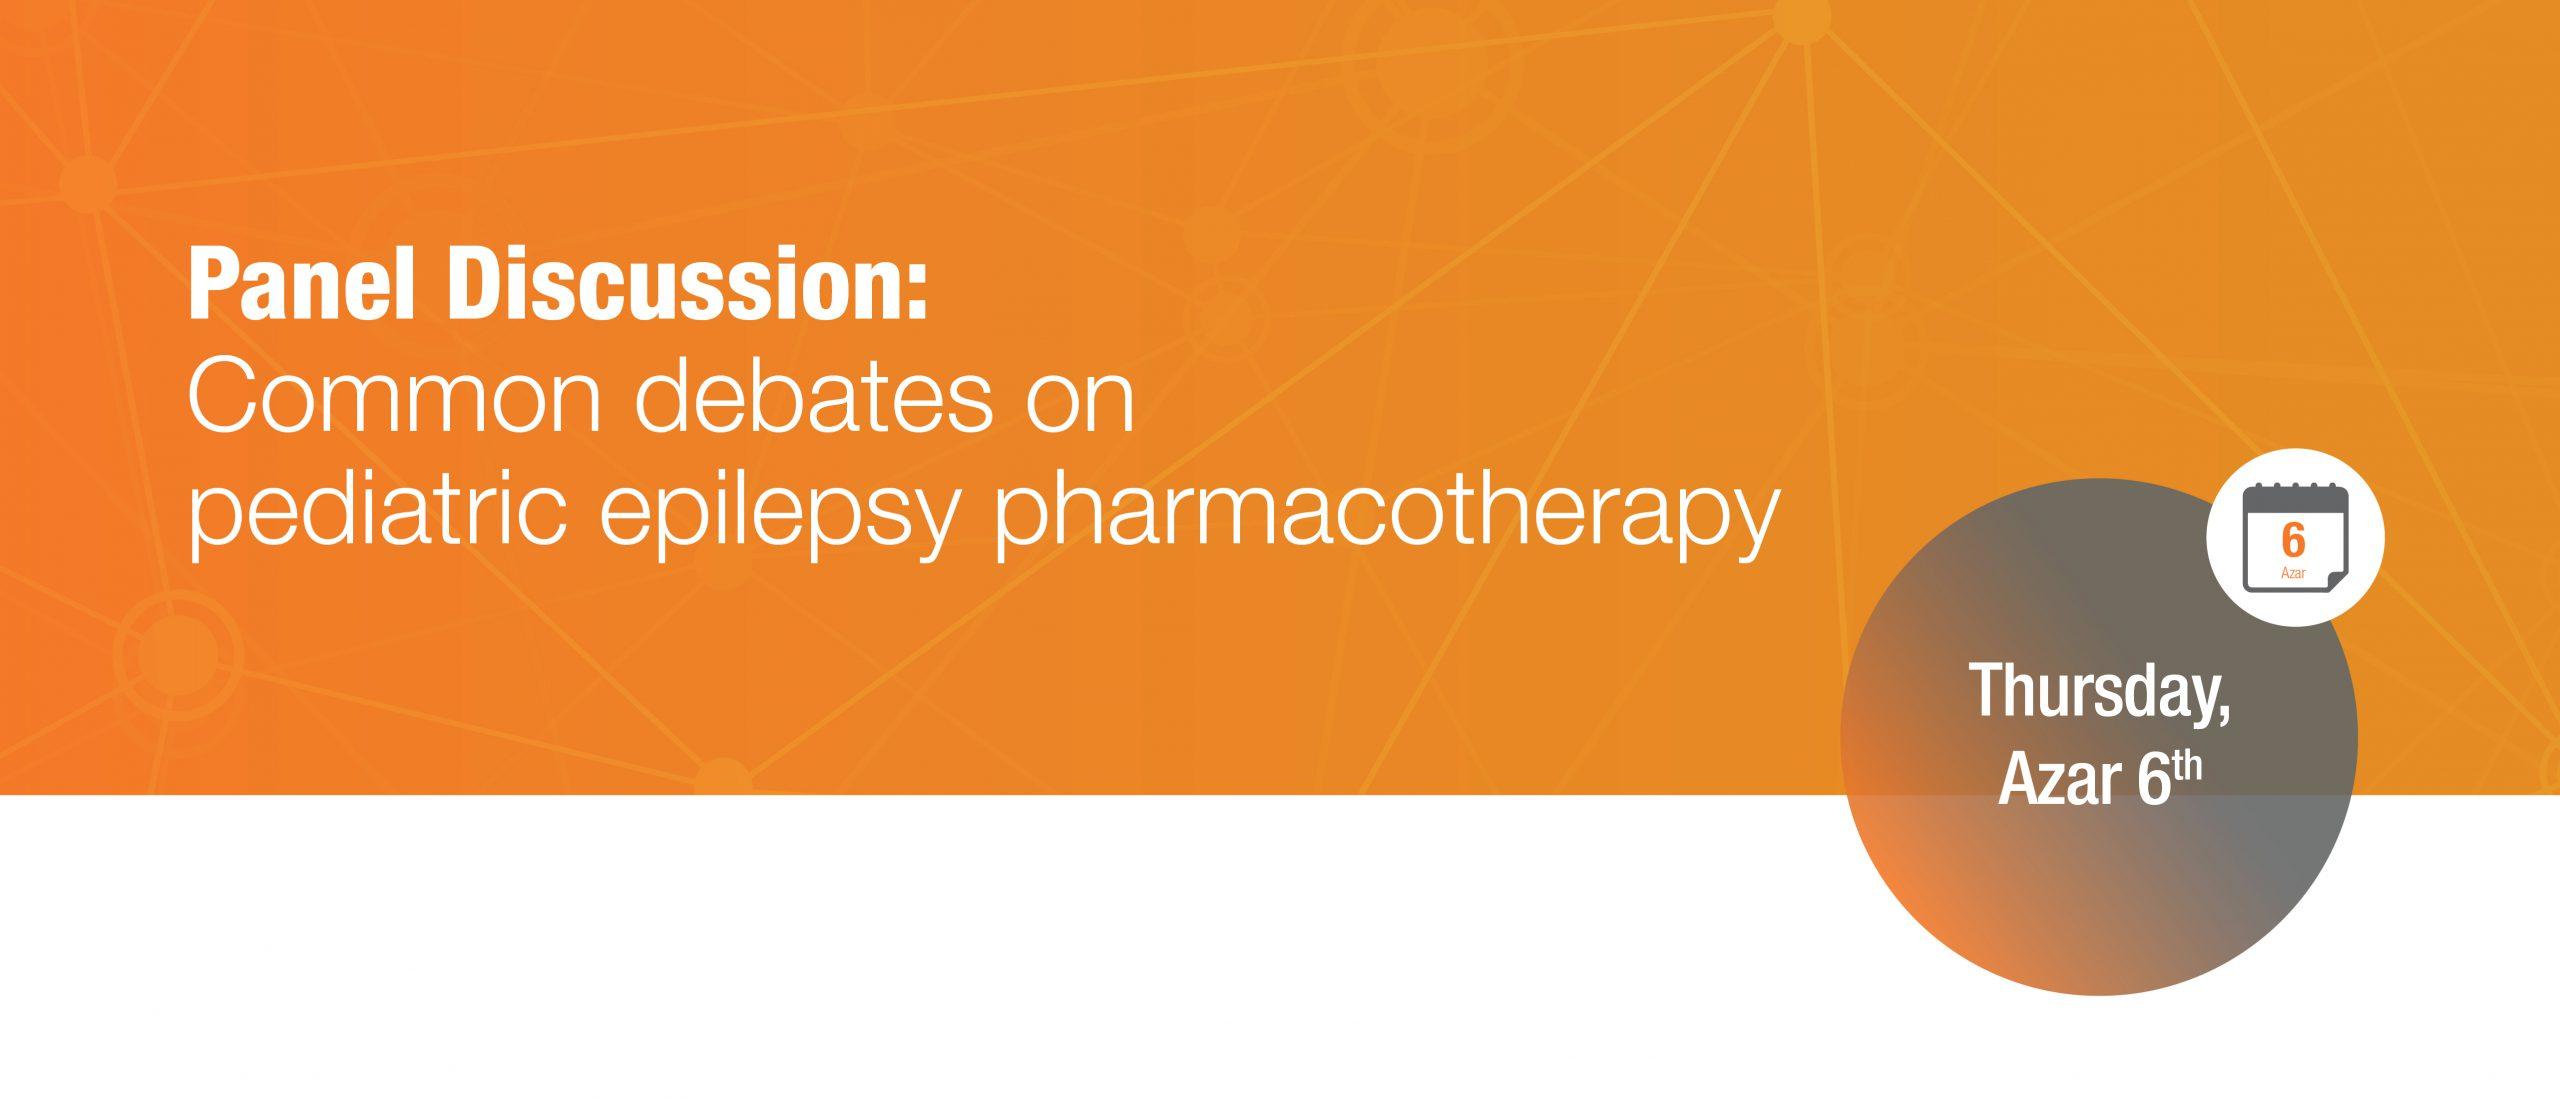 Common debates on pediatric epilepsy pharmacotherapy